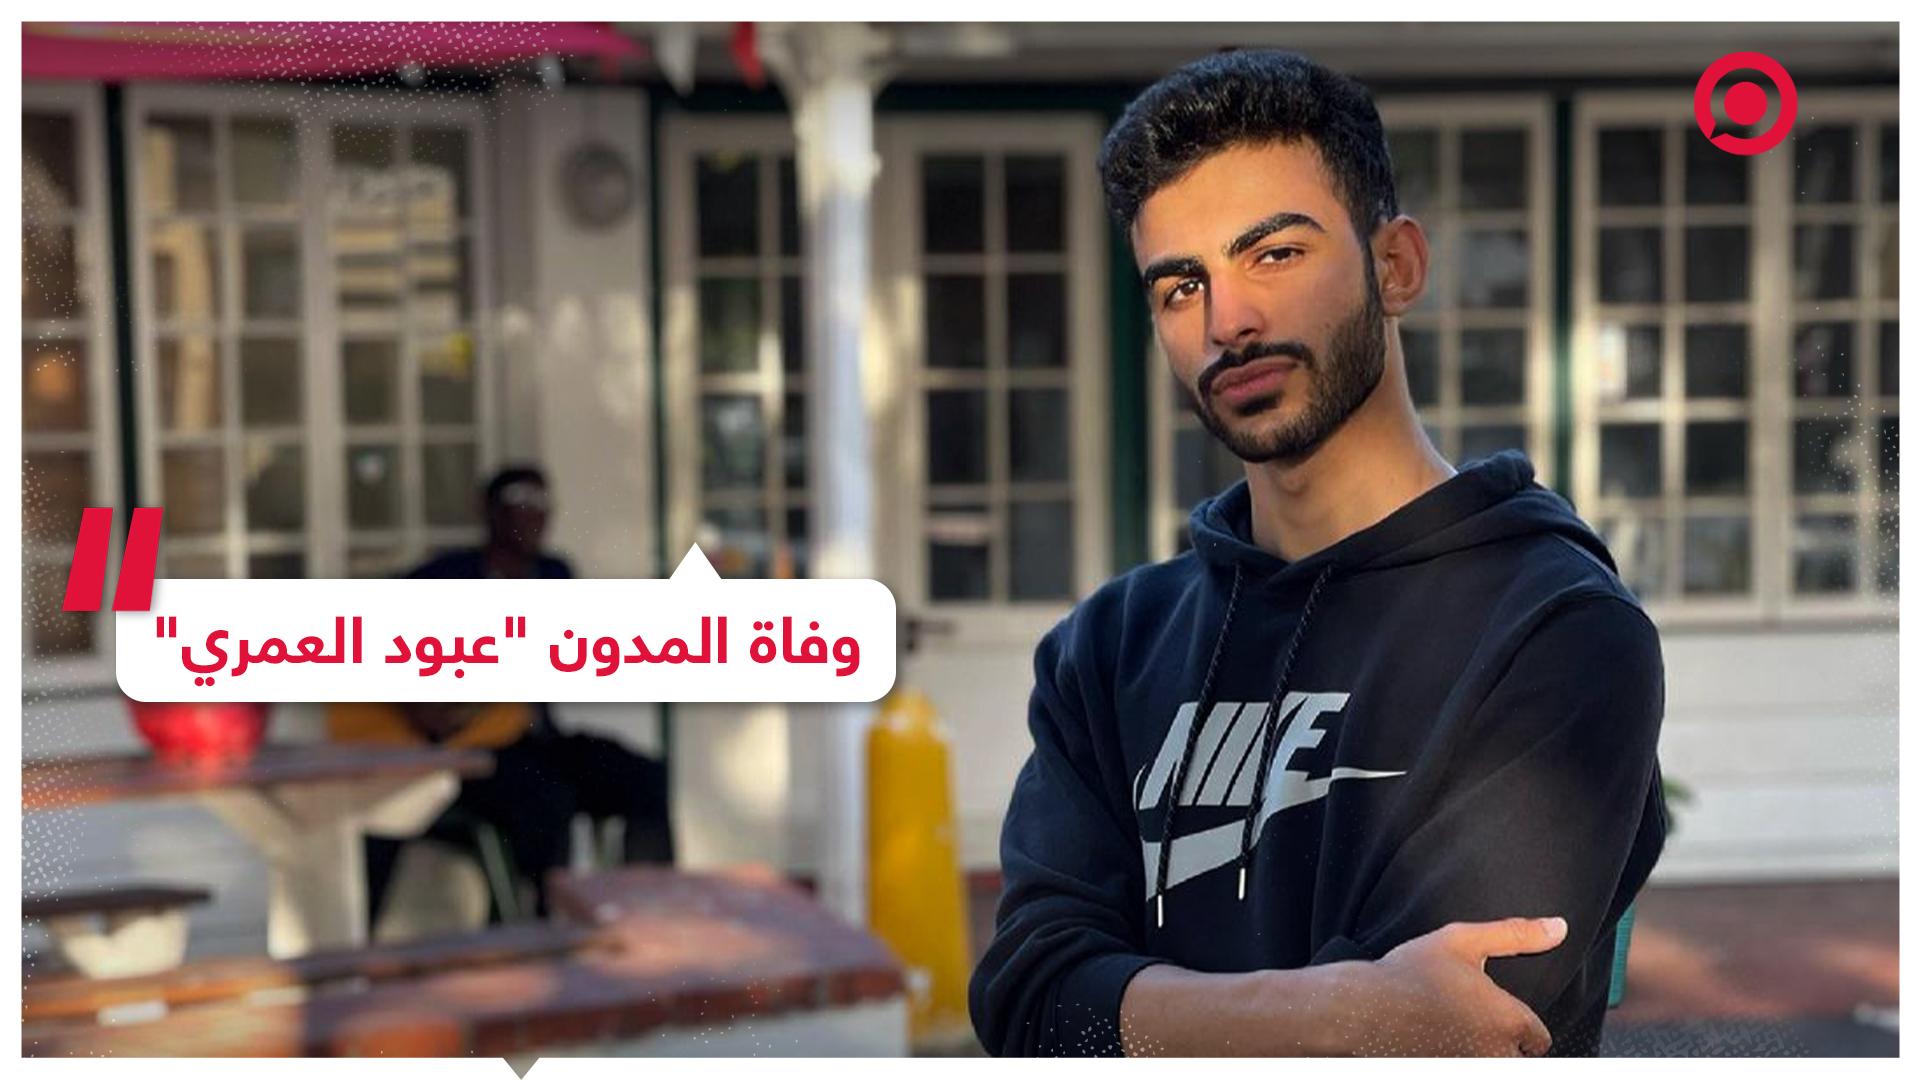 وفاة المدون الأردني الشهير عبد الله العمري